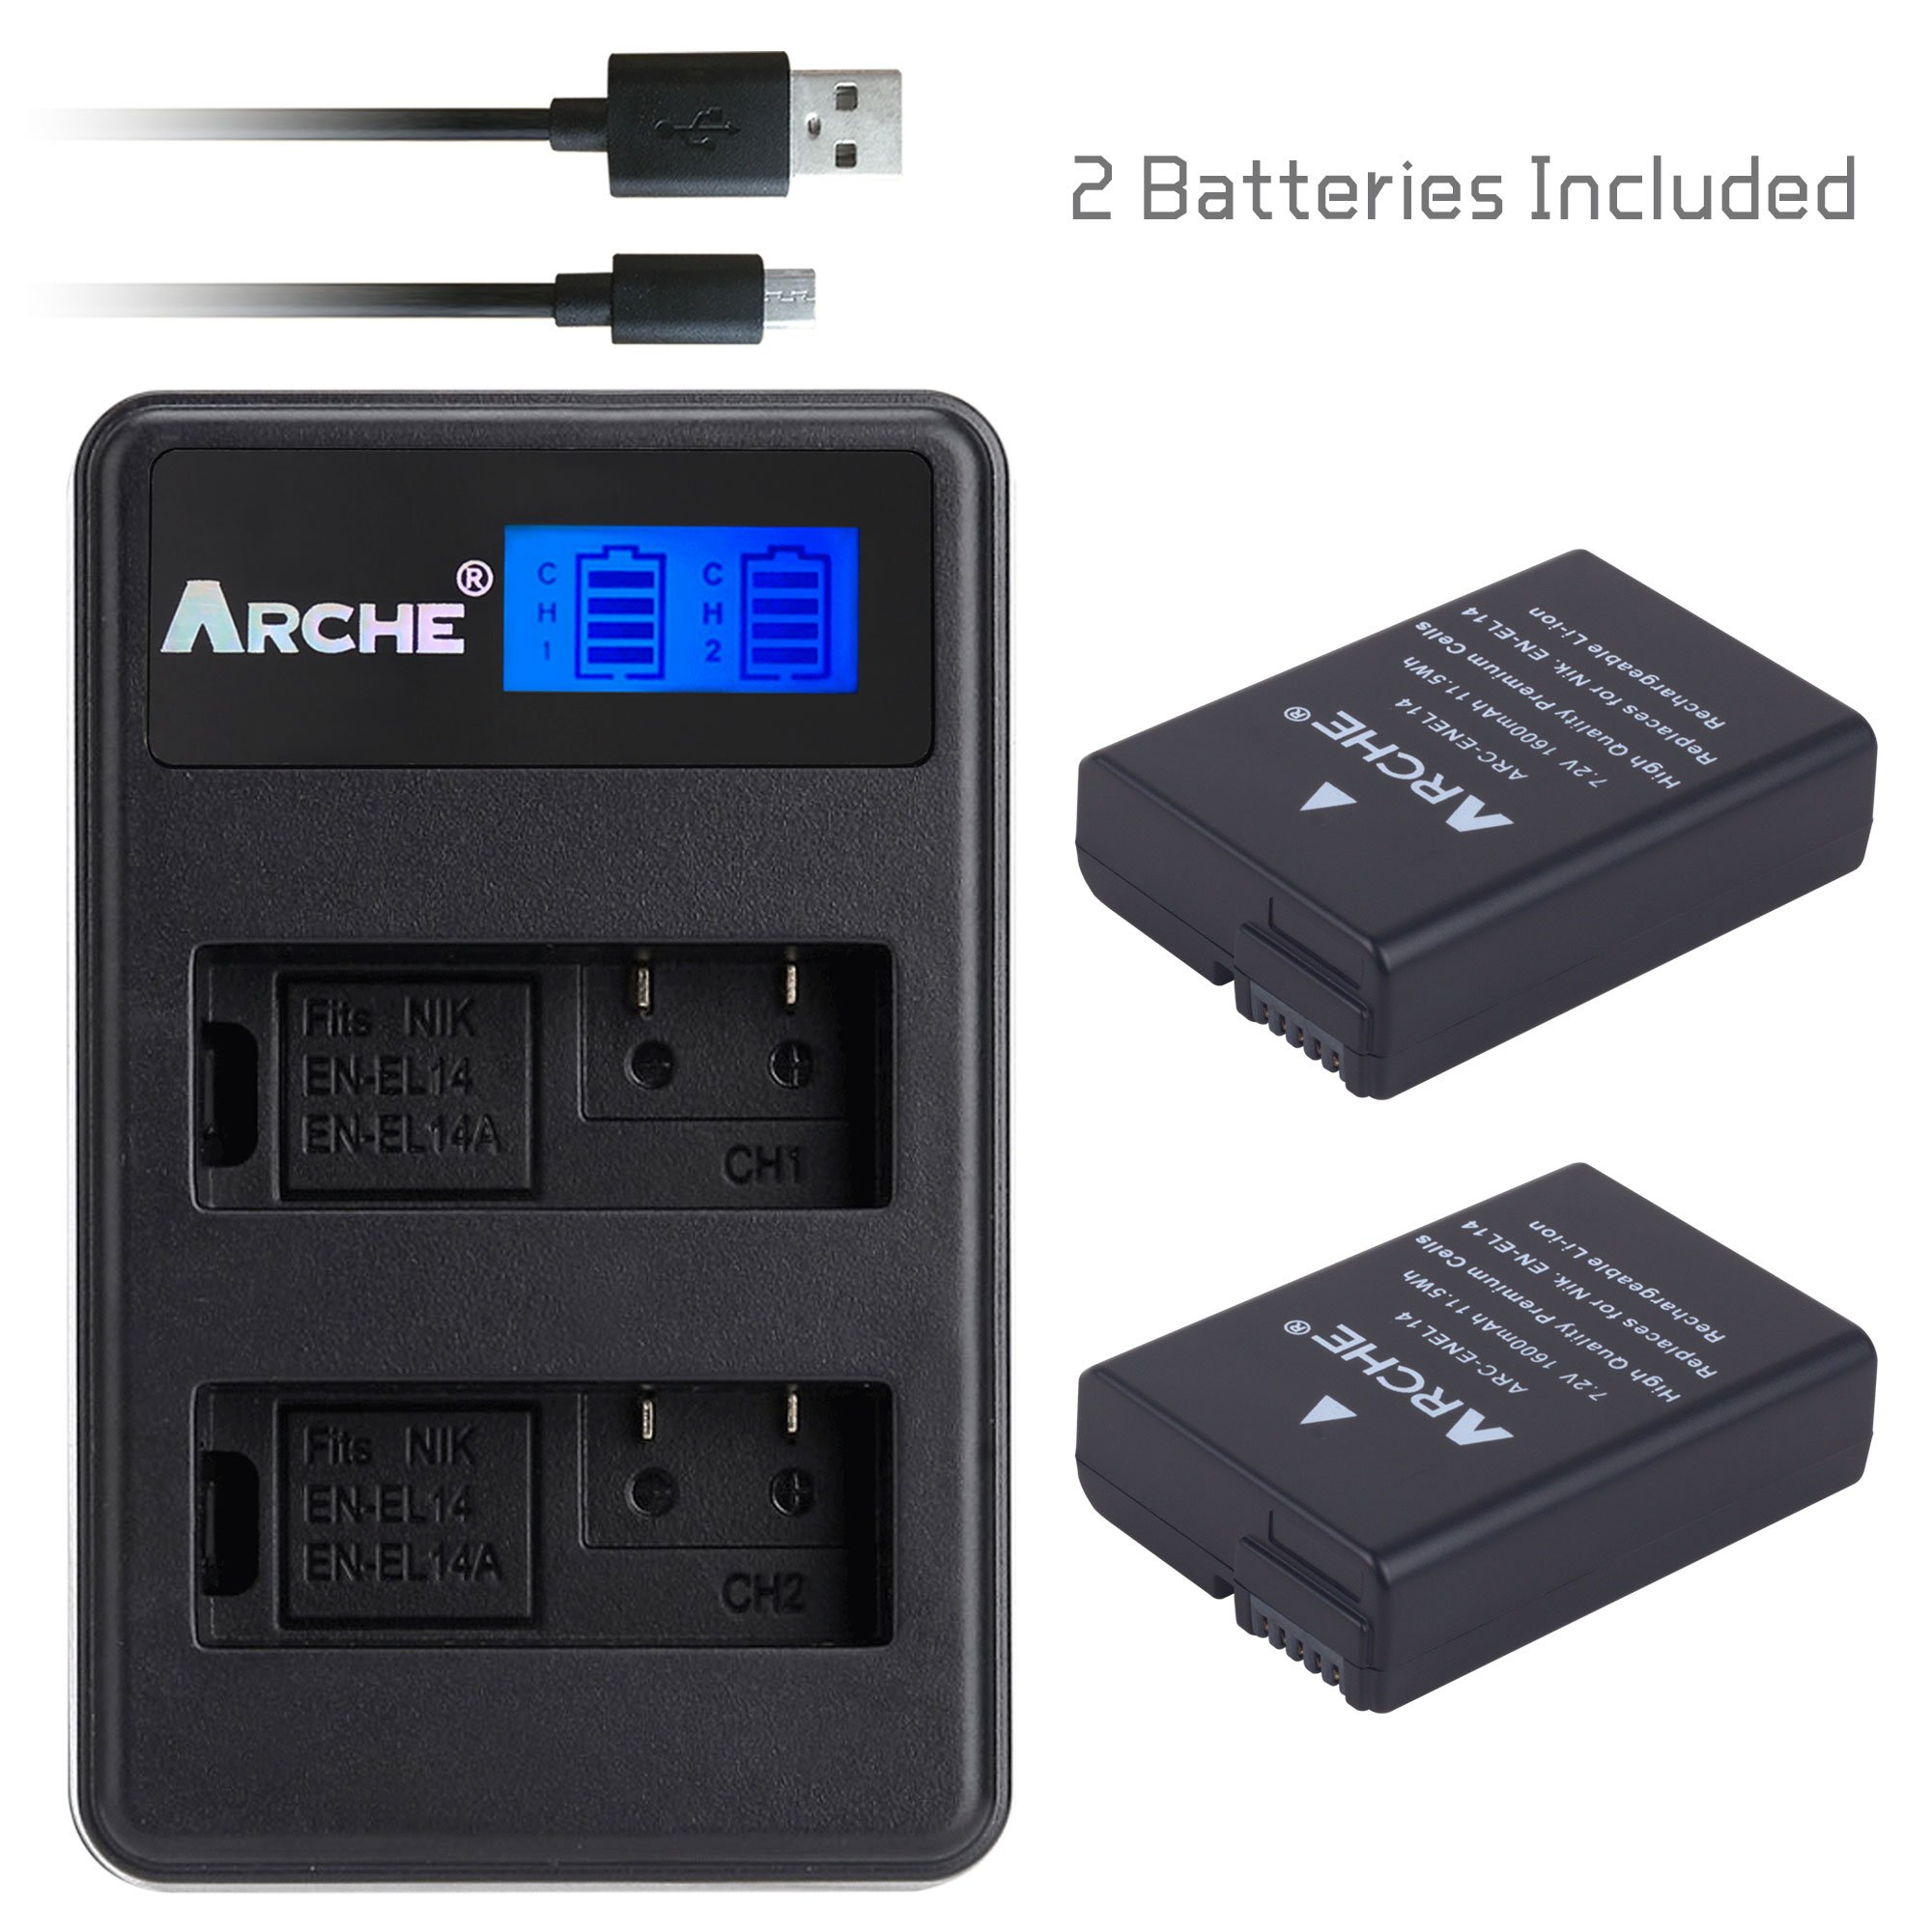 ARCHE EN-EL14 EN-EL14A <2 Pack> Battery and LCD Dual Charger Kit for [Nikon MH-24 D3100 D3200 D3300 D3400 D5100 D5200 D5300 D5500 D5600 Coolpix P7000 Coolpix P7100 Coolpix P7700 Coolpix P7800 Df DSL]